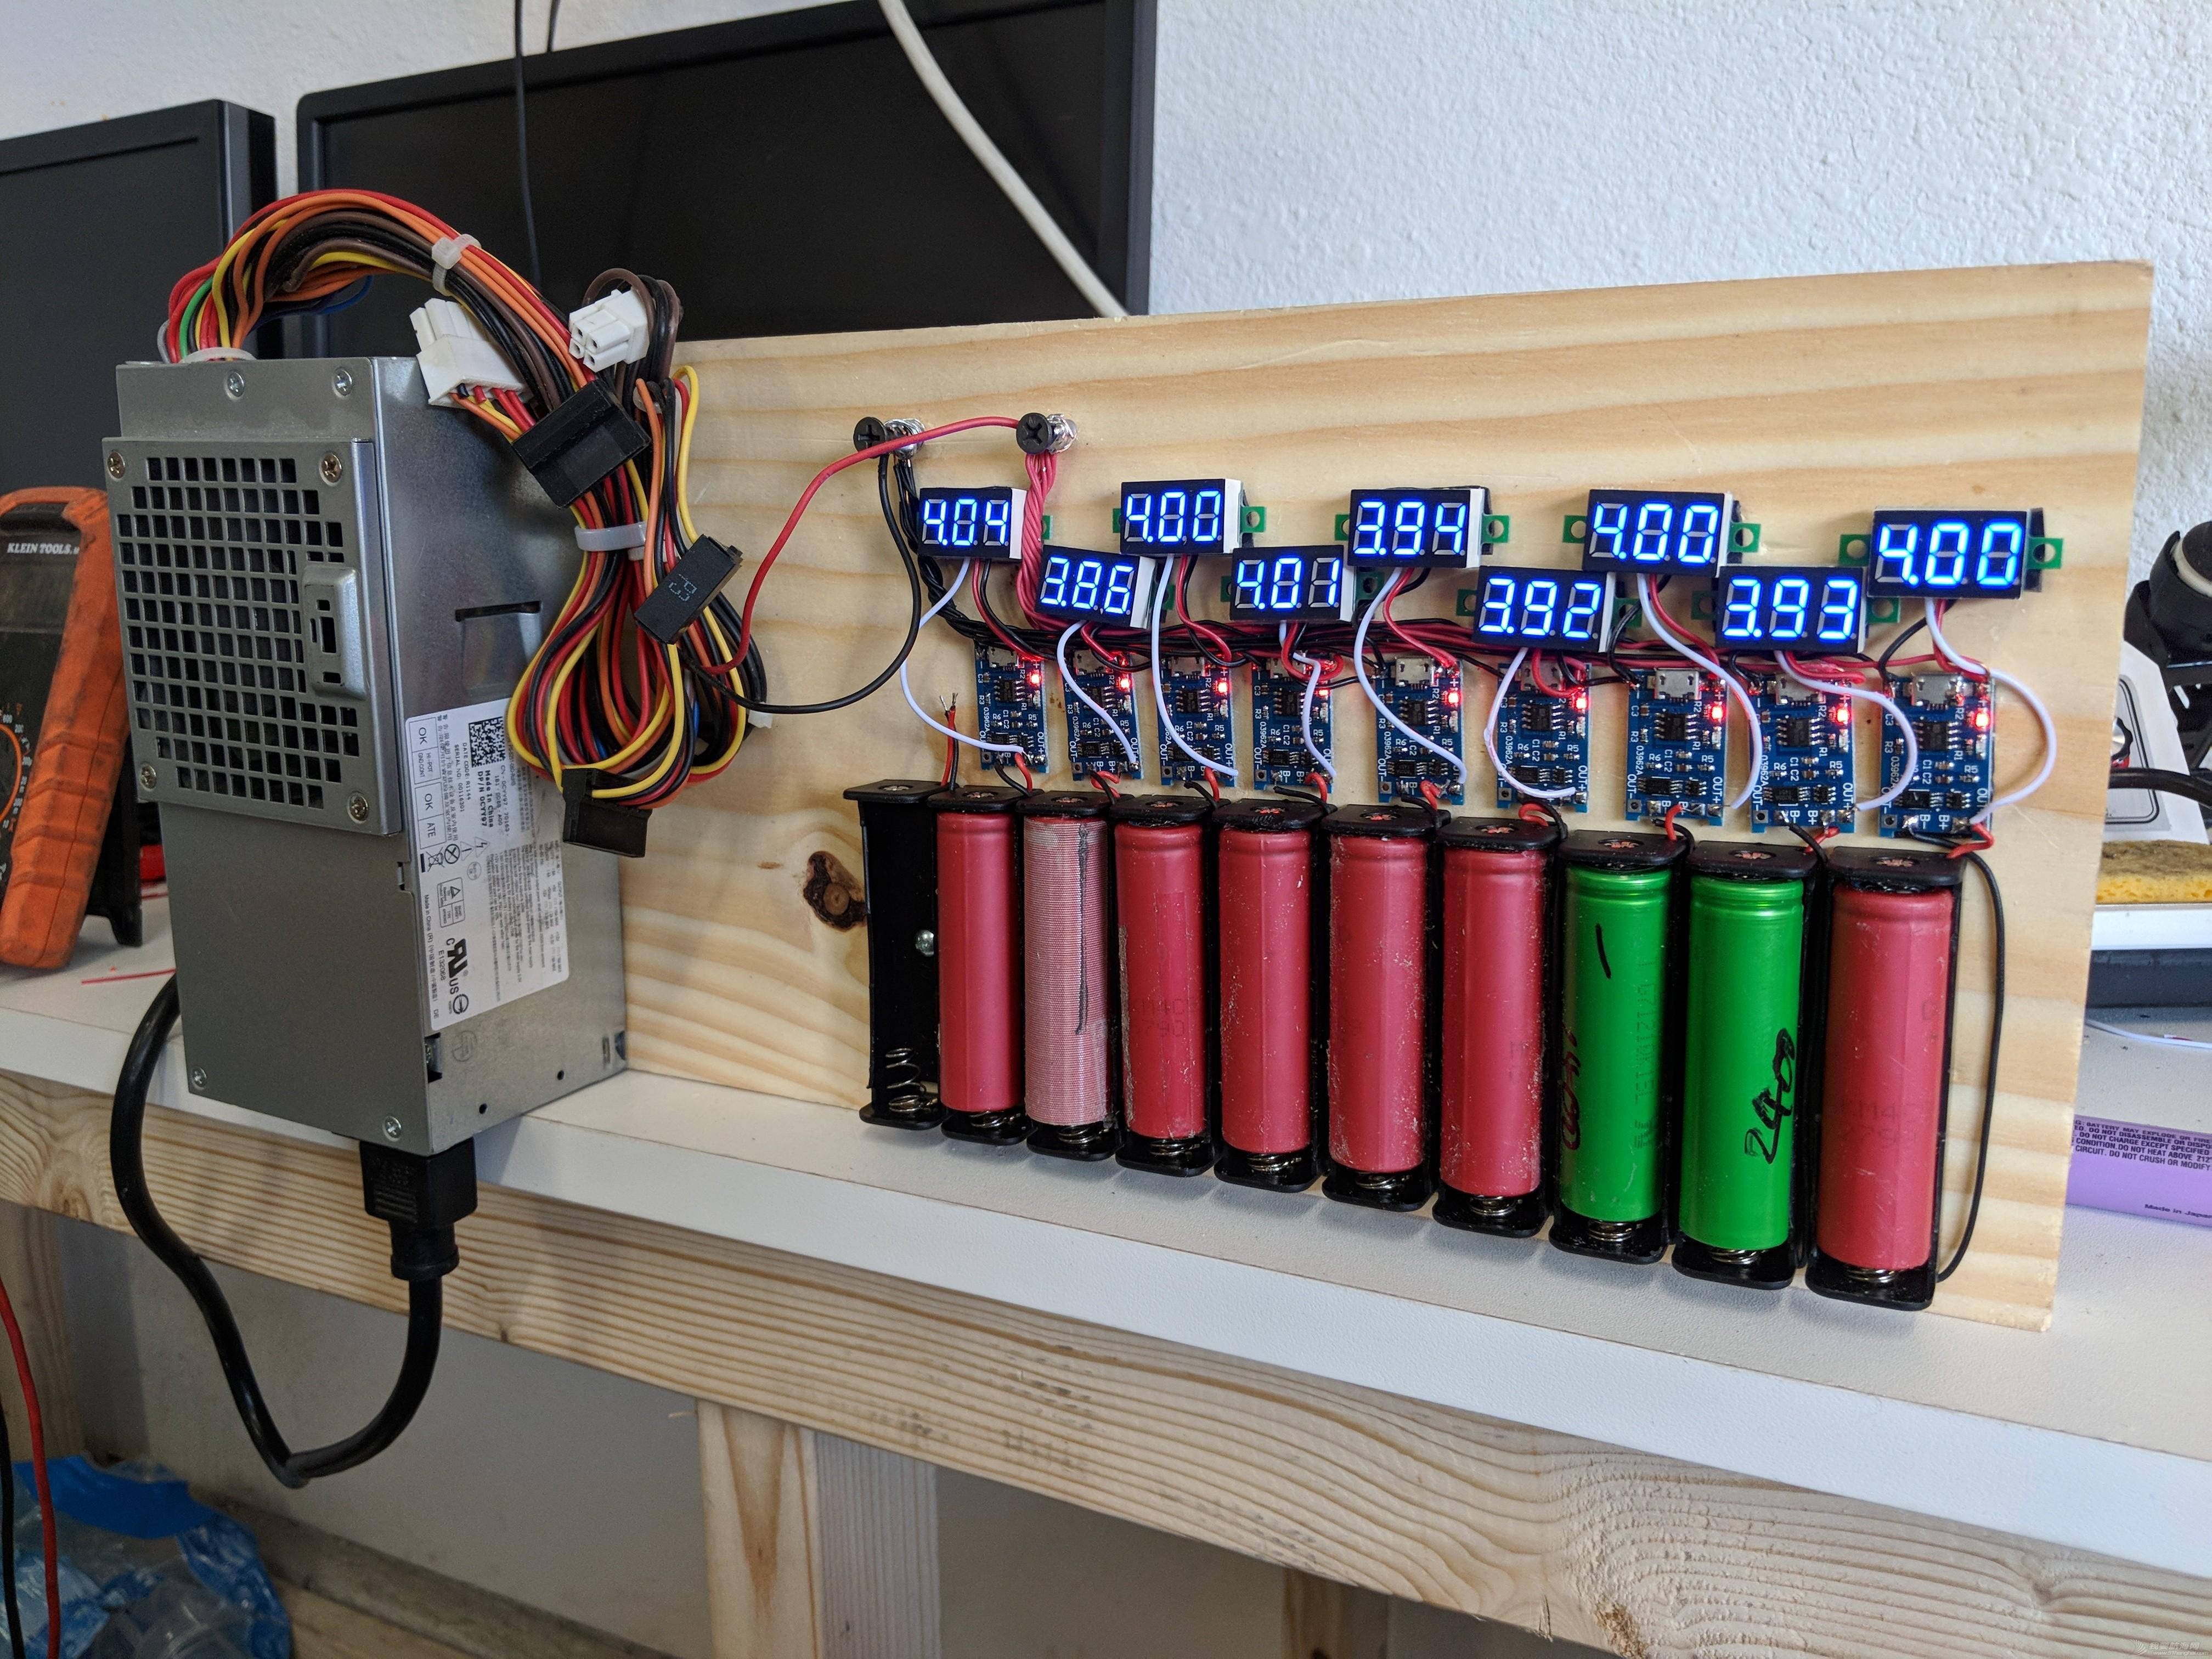 电池,这个,就是,用的,设计  一堆电池在用TP4056芯片做的充电器搞蛋 111451bicvviczb6rg2o98